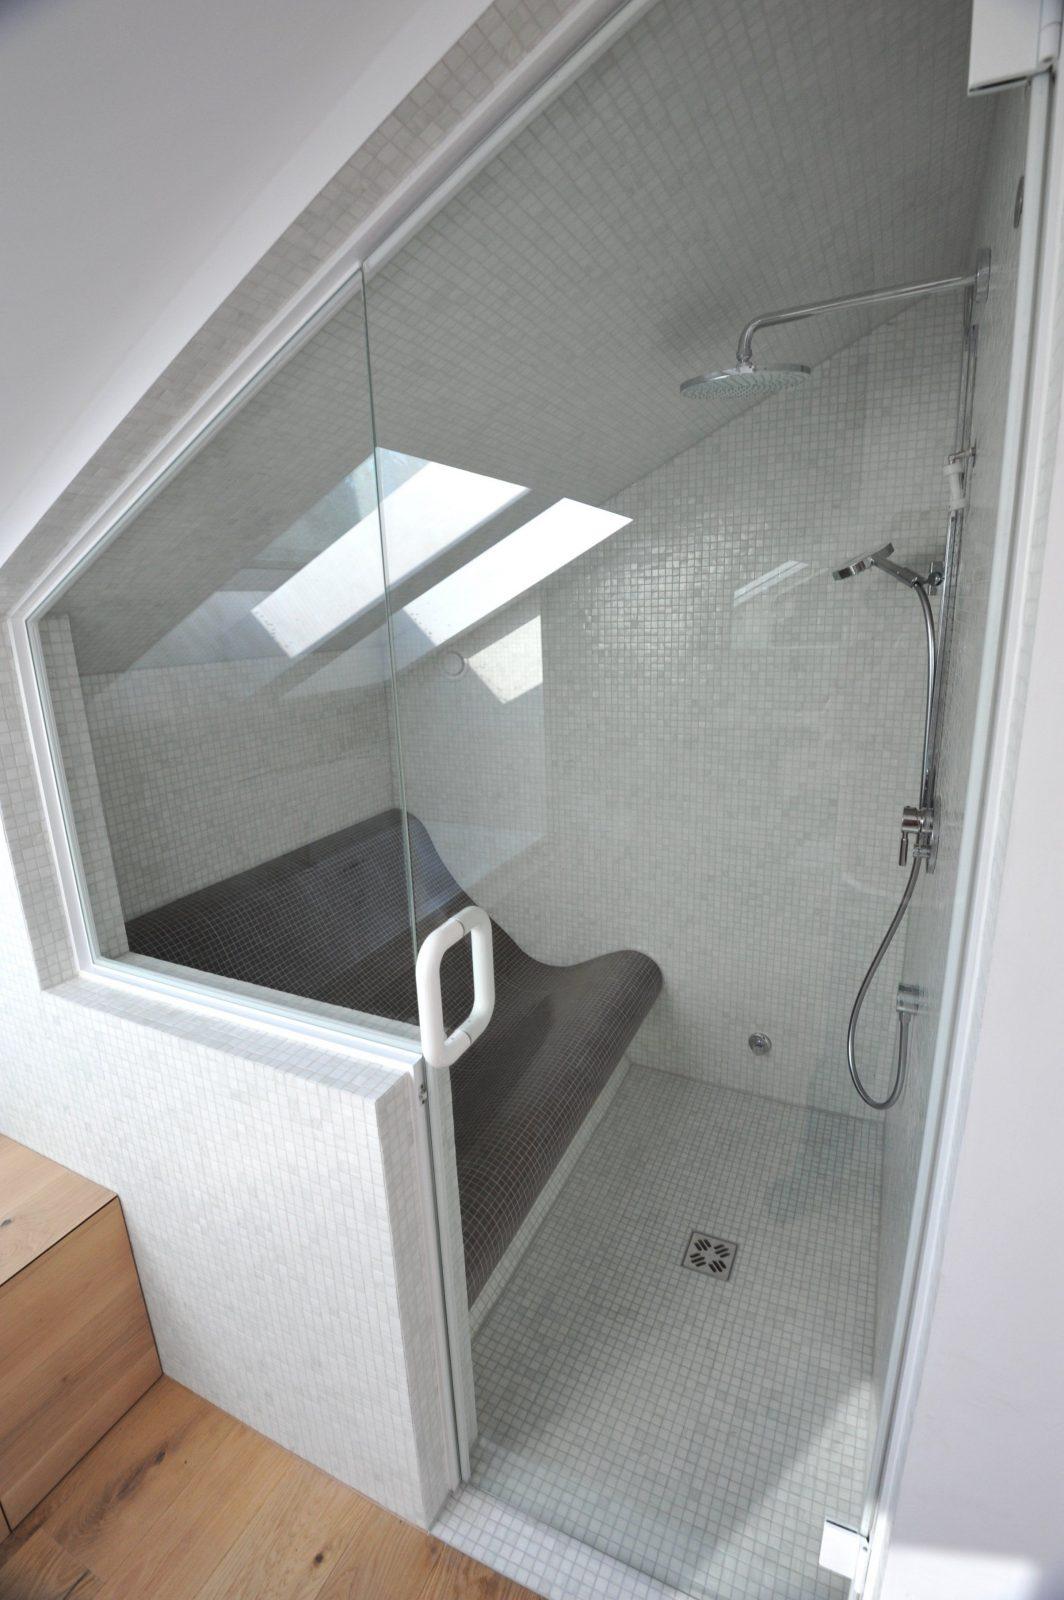 ... Elegant Duschkabine In Dachschrã Ge Mit Glasmack Montage Glas Alles Von  Dusche In Der Dachschräge Bild ...